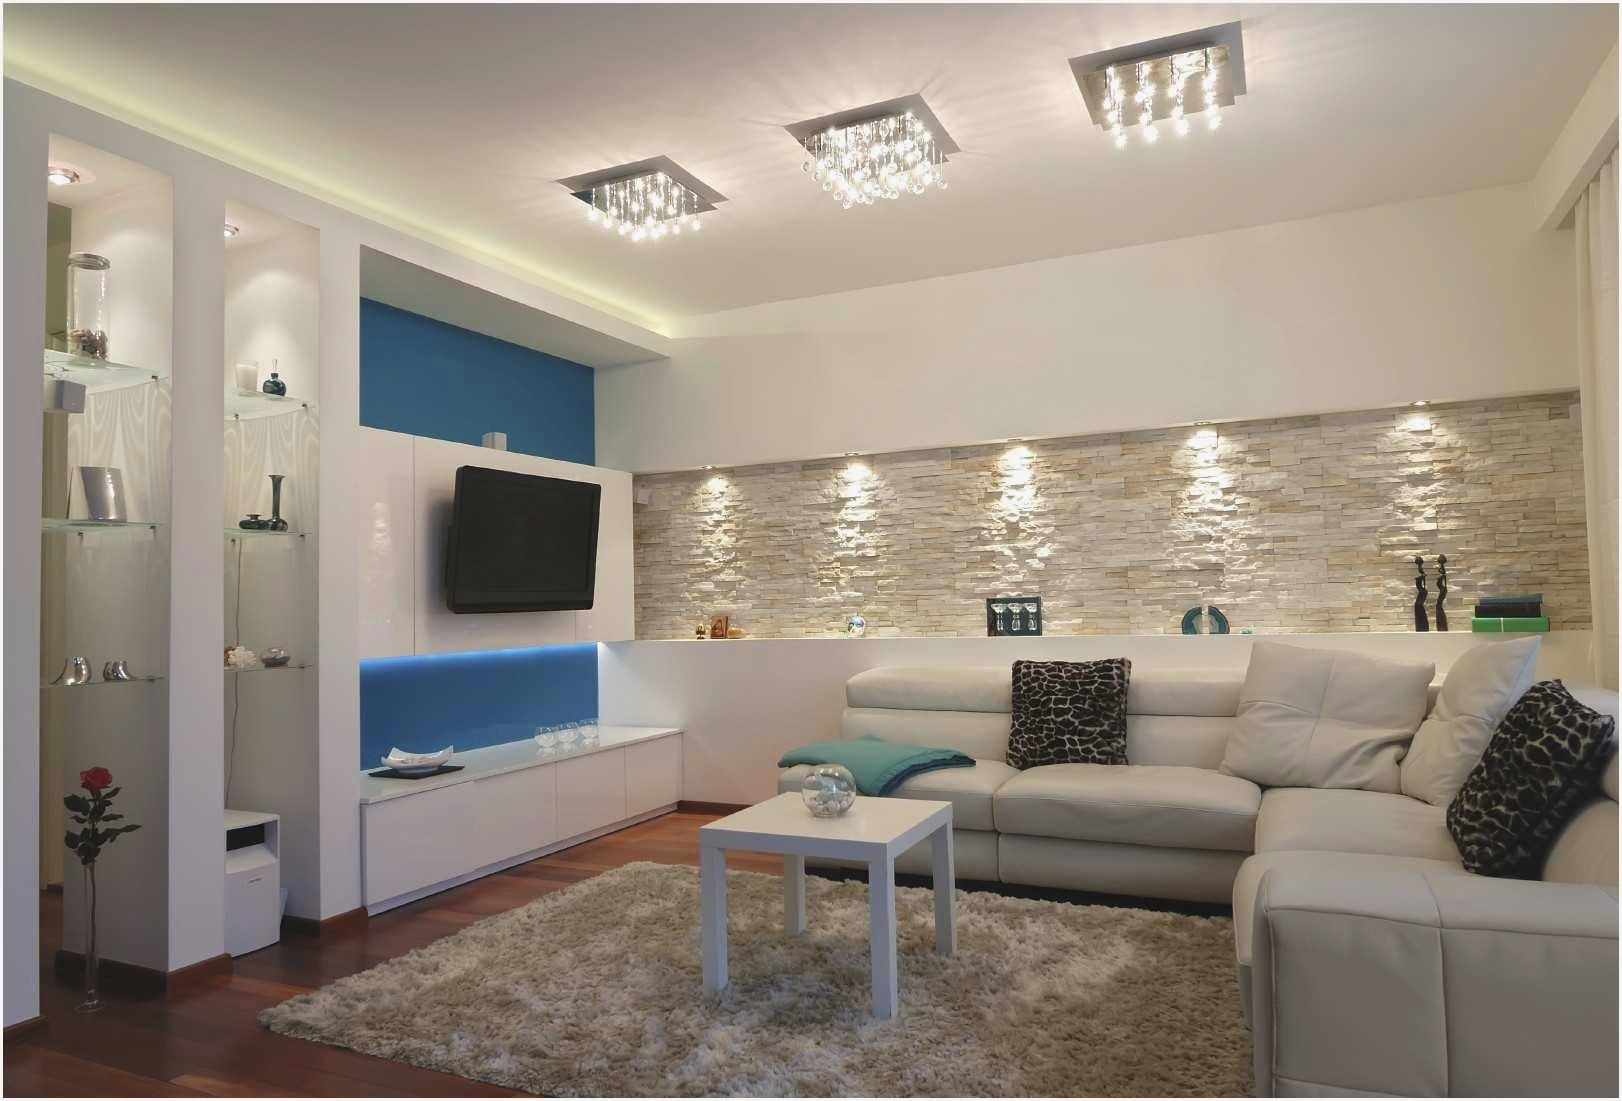 Full Size of Ideen Für Indirekte Beleuchtung Im Wohnzimmer Wohnzimmer Indirekte Beleuchtung Wohnzimmer